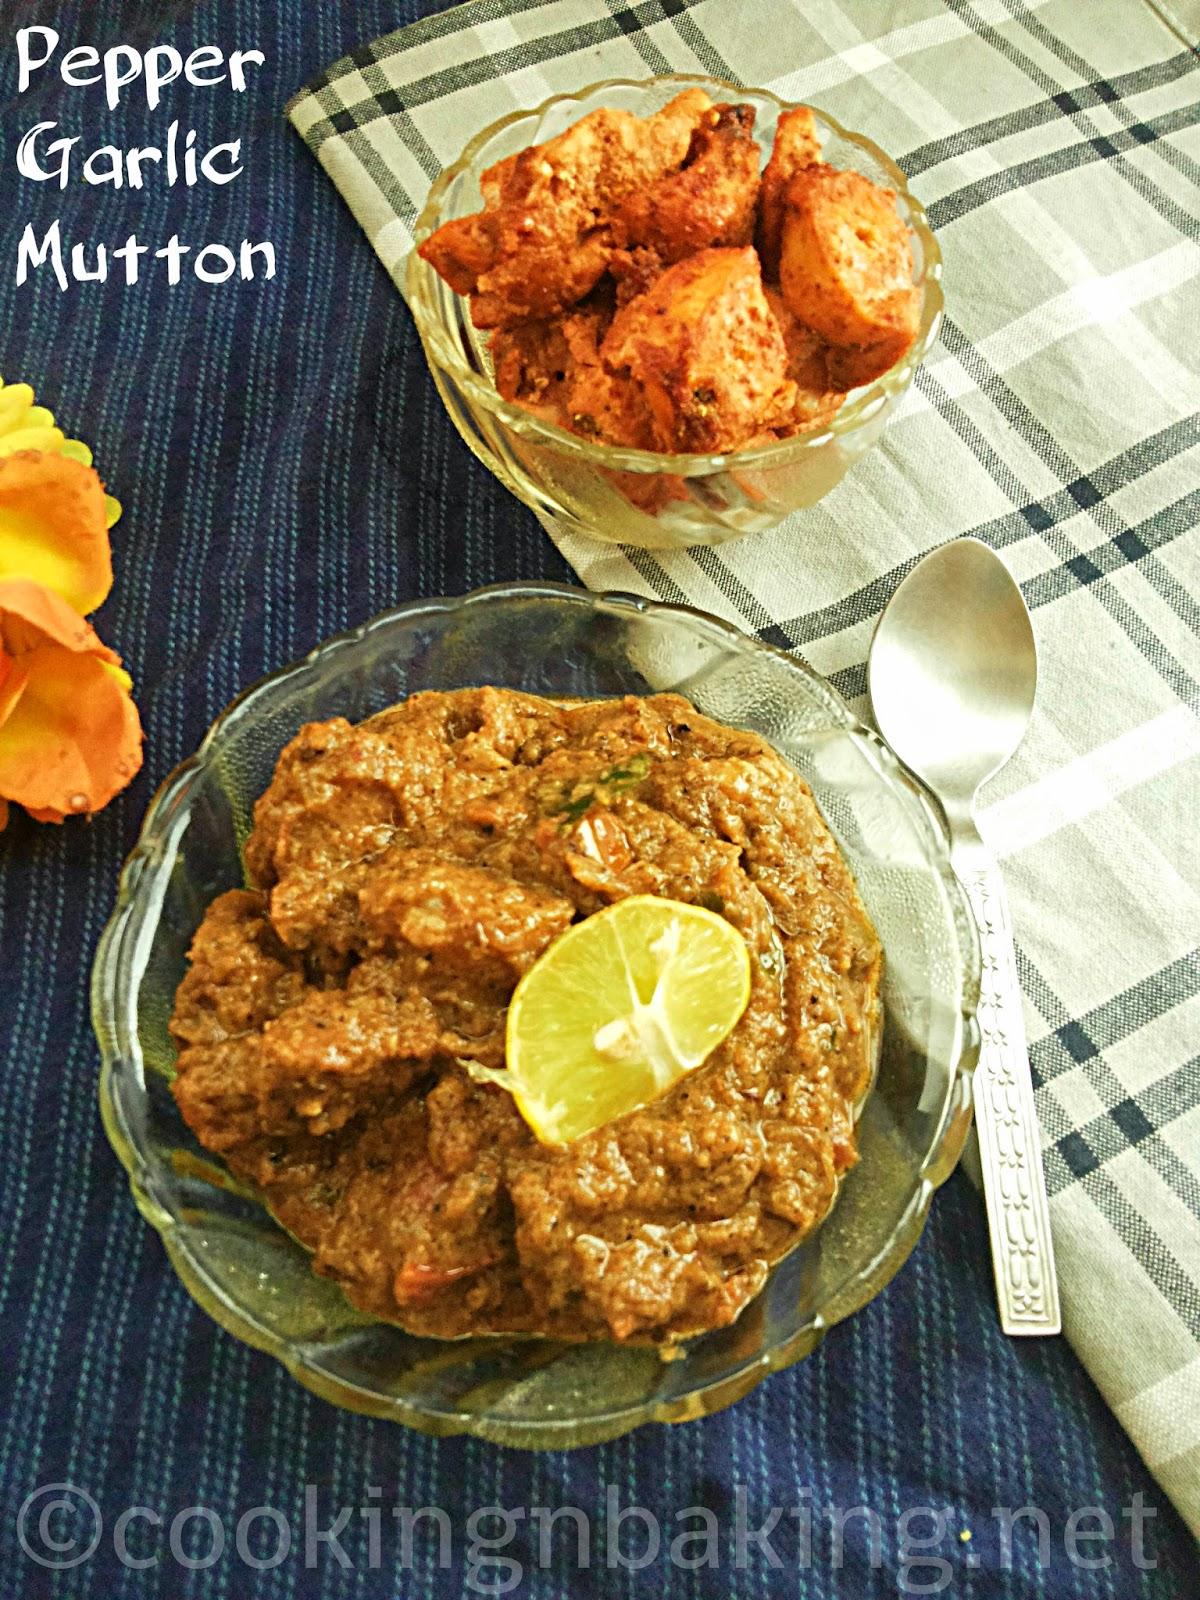 Pepper Garlic Mutton